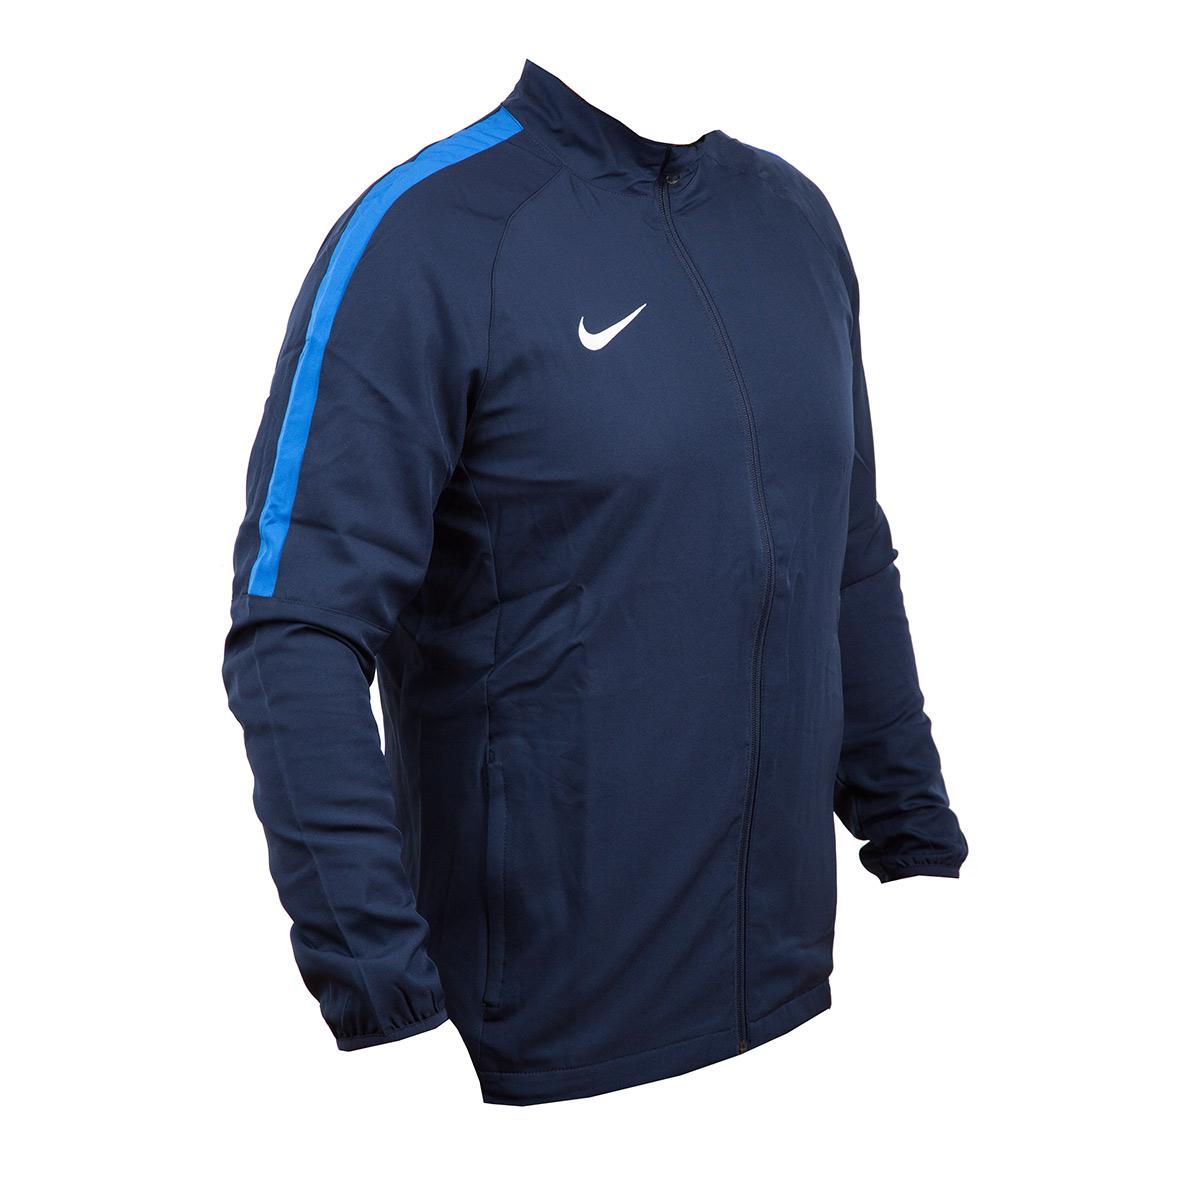 d7c7e74fd4b Nike Мъжки спортен екип ACADEMY 18 WOVEN - 893709-451, Мъже, Мъжки ...